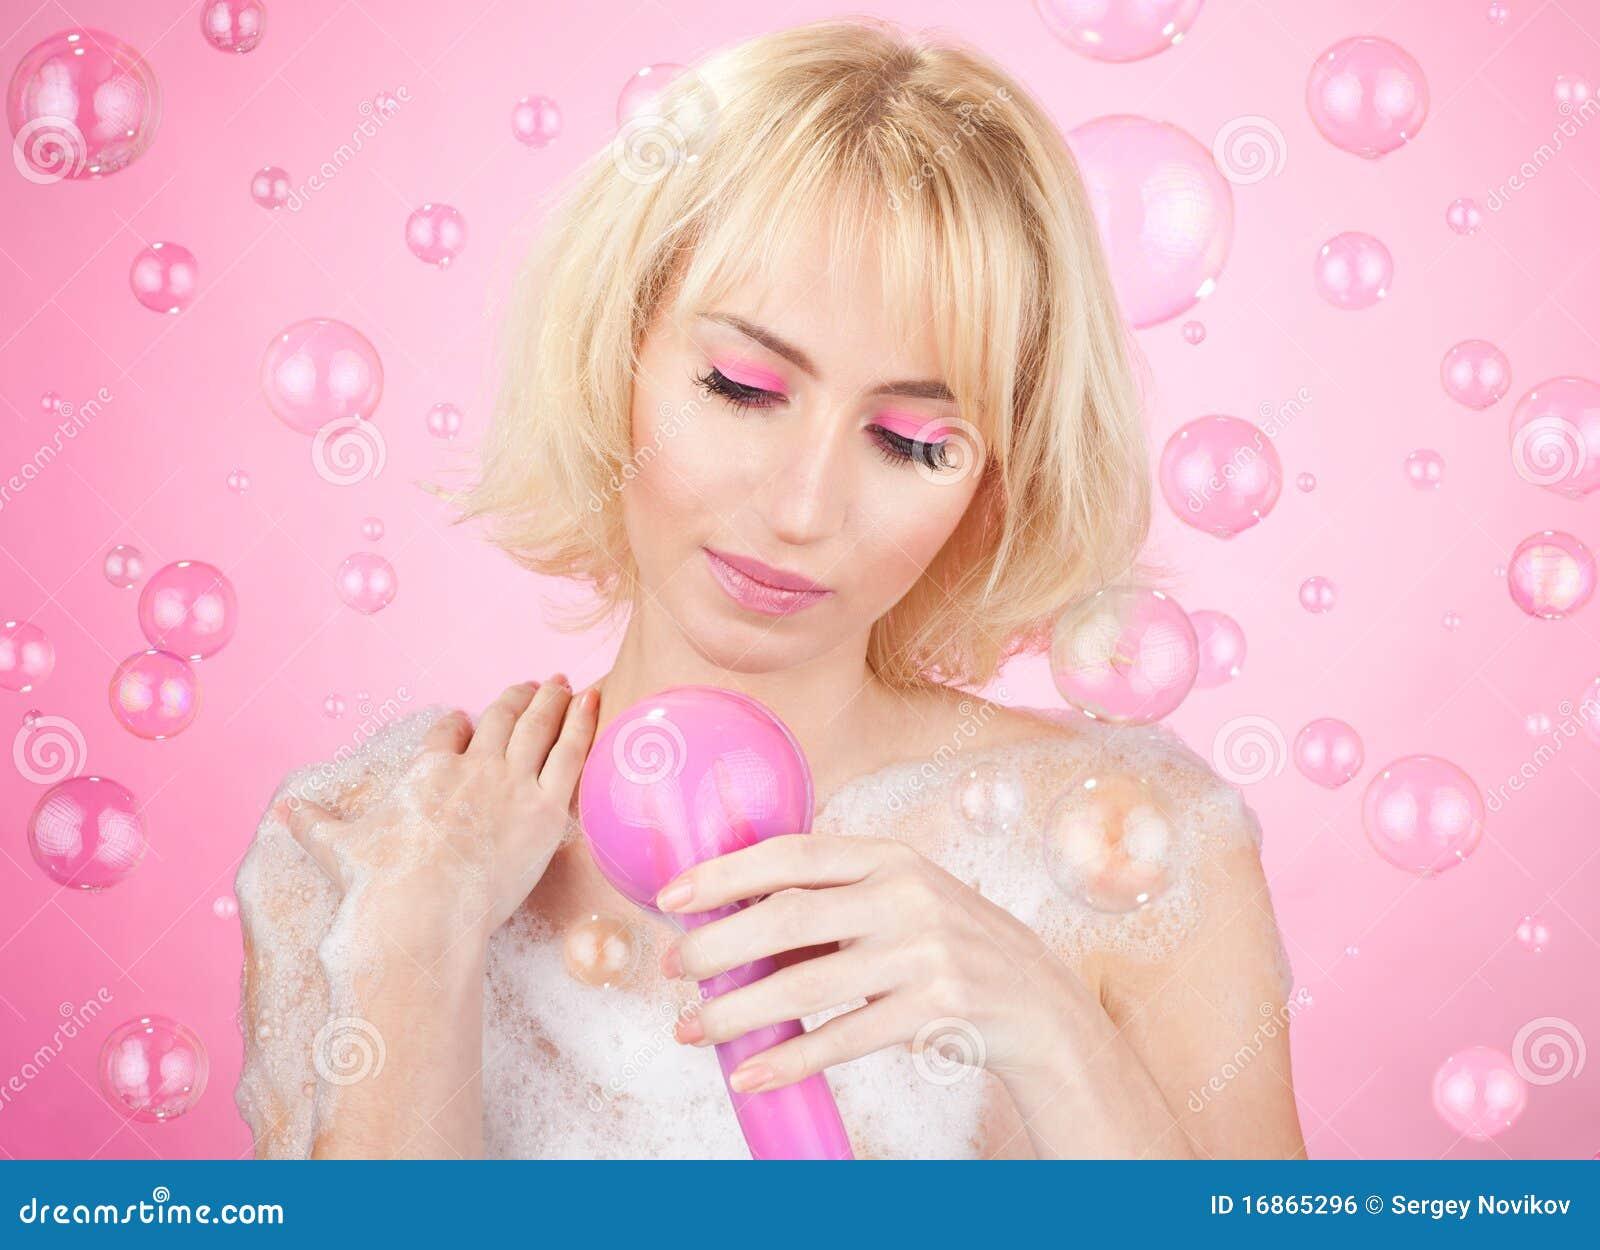 Chuveiro cor-de-rosa